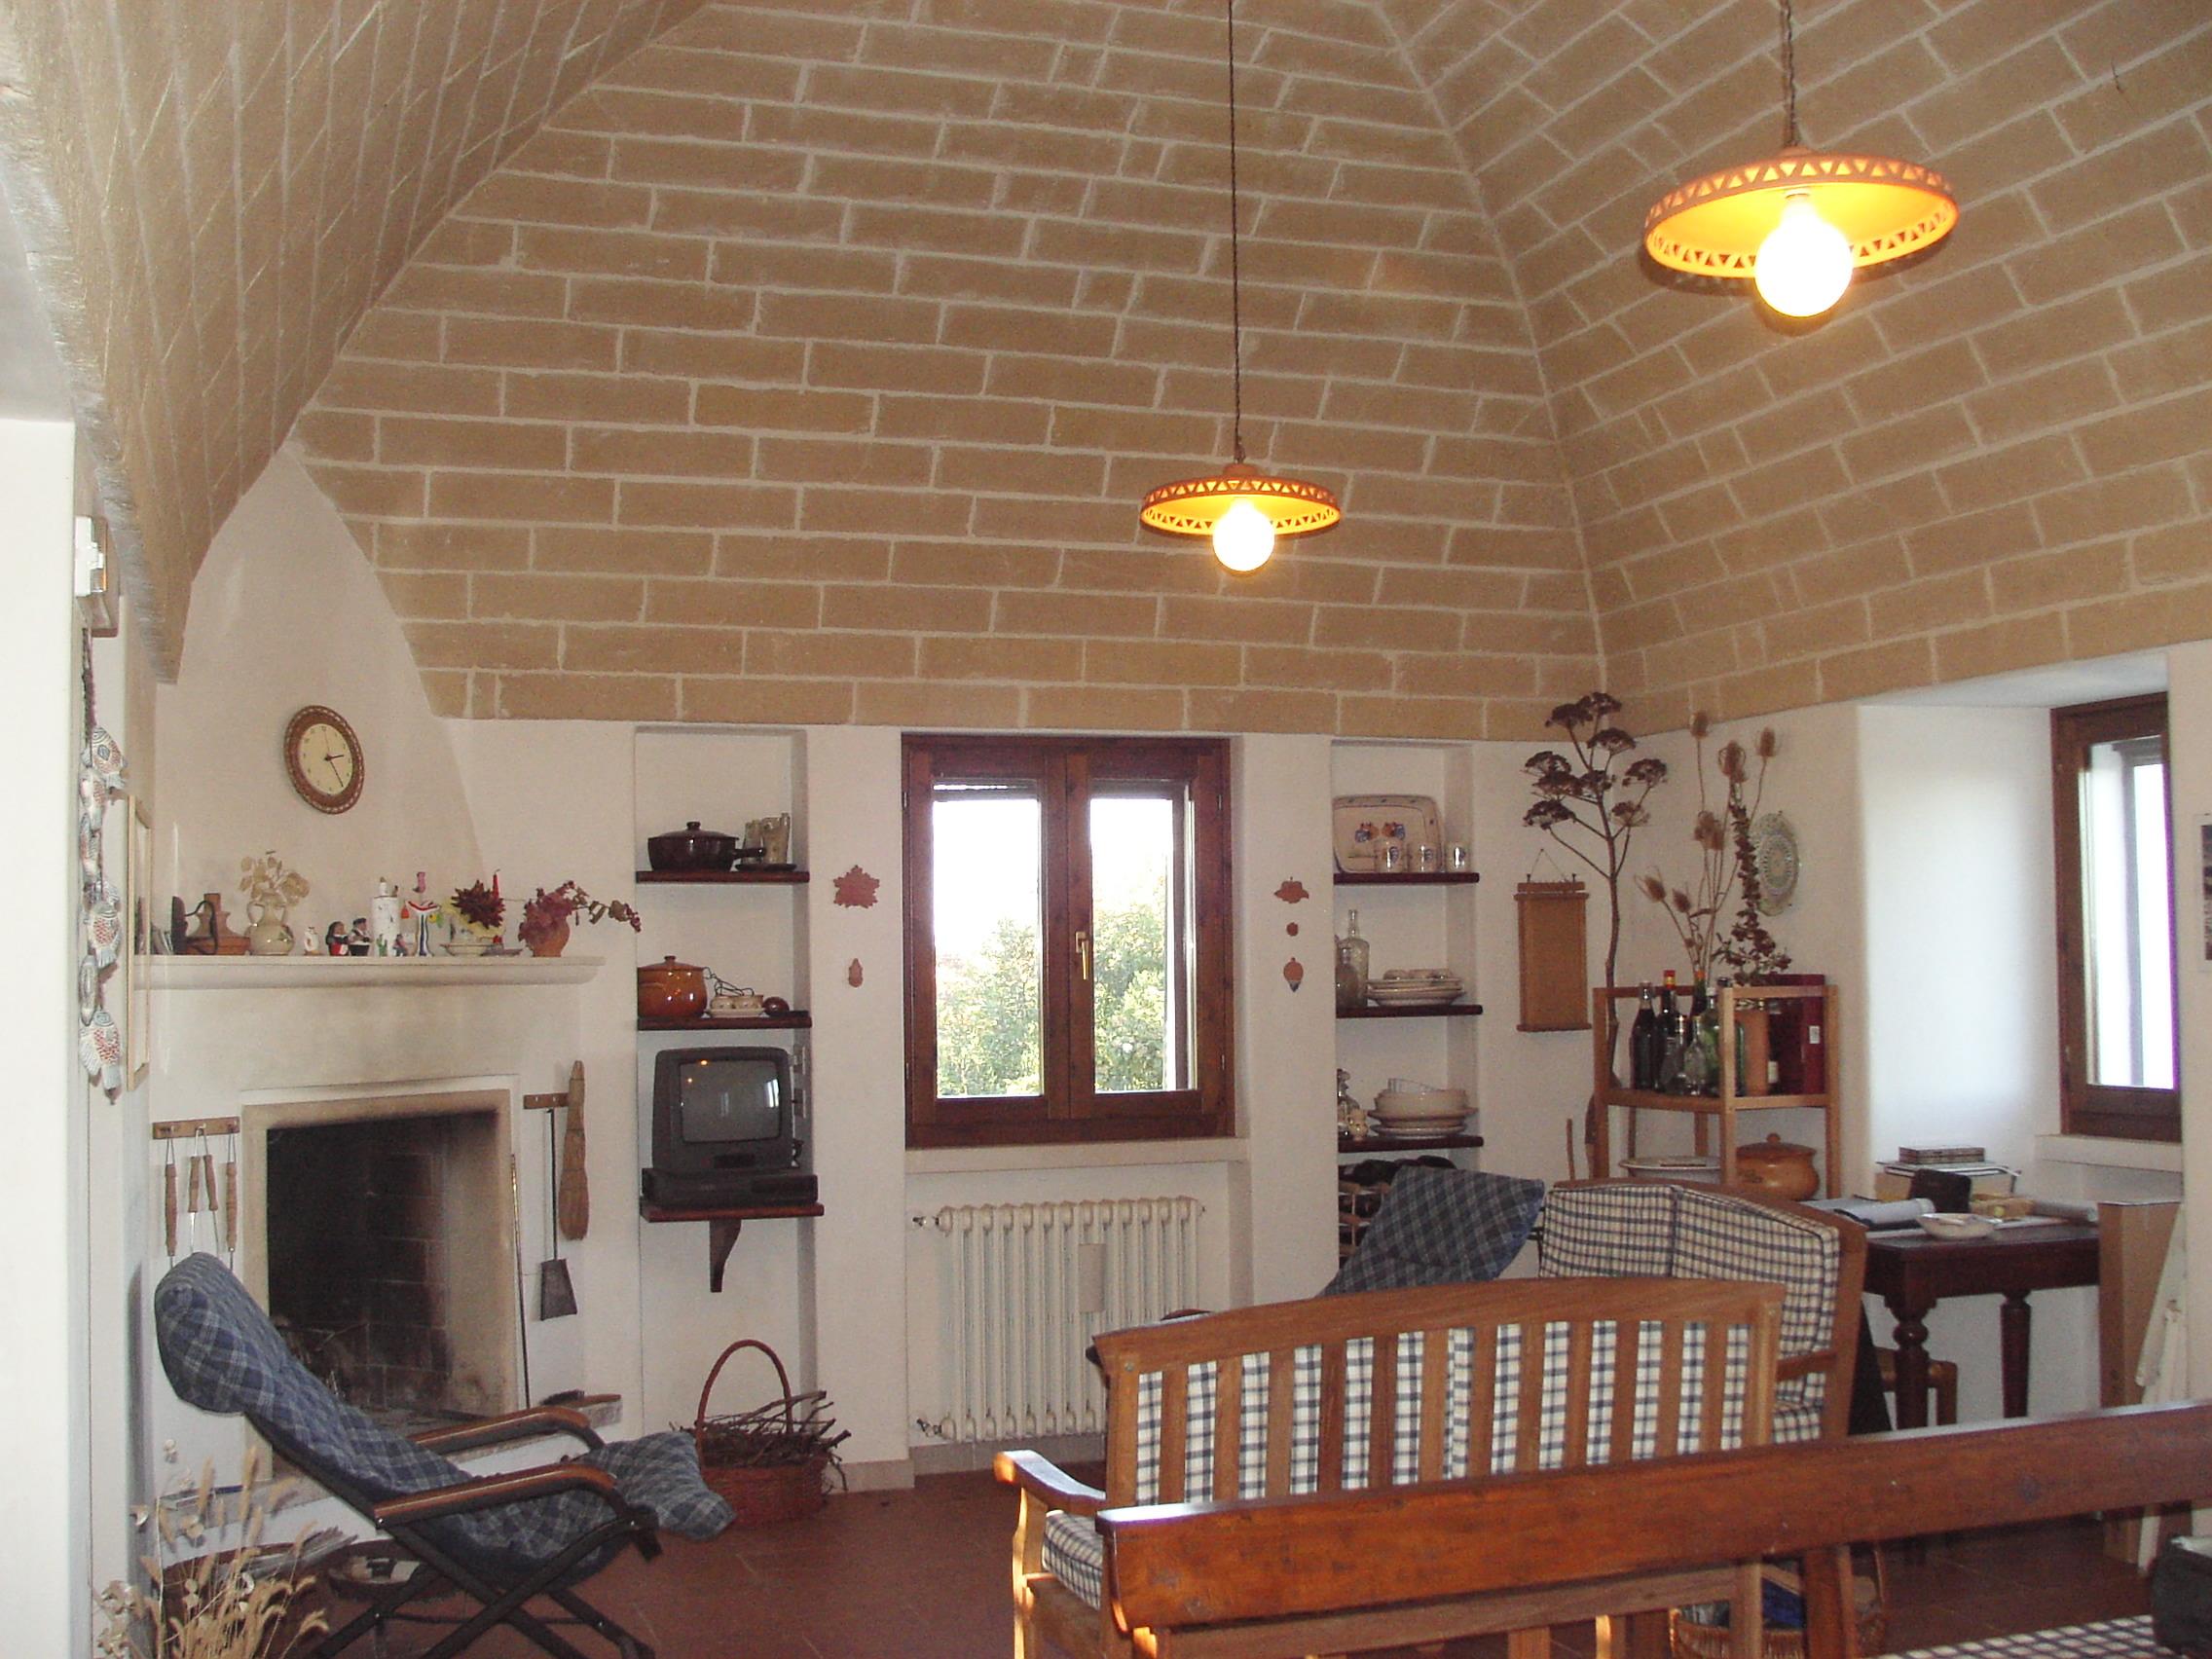 Soggiorno - Living room - Living